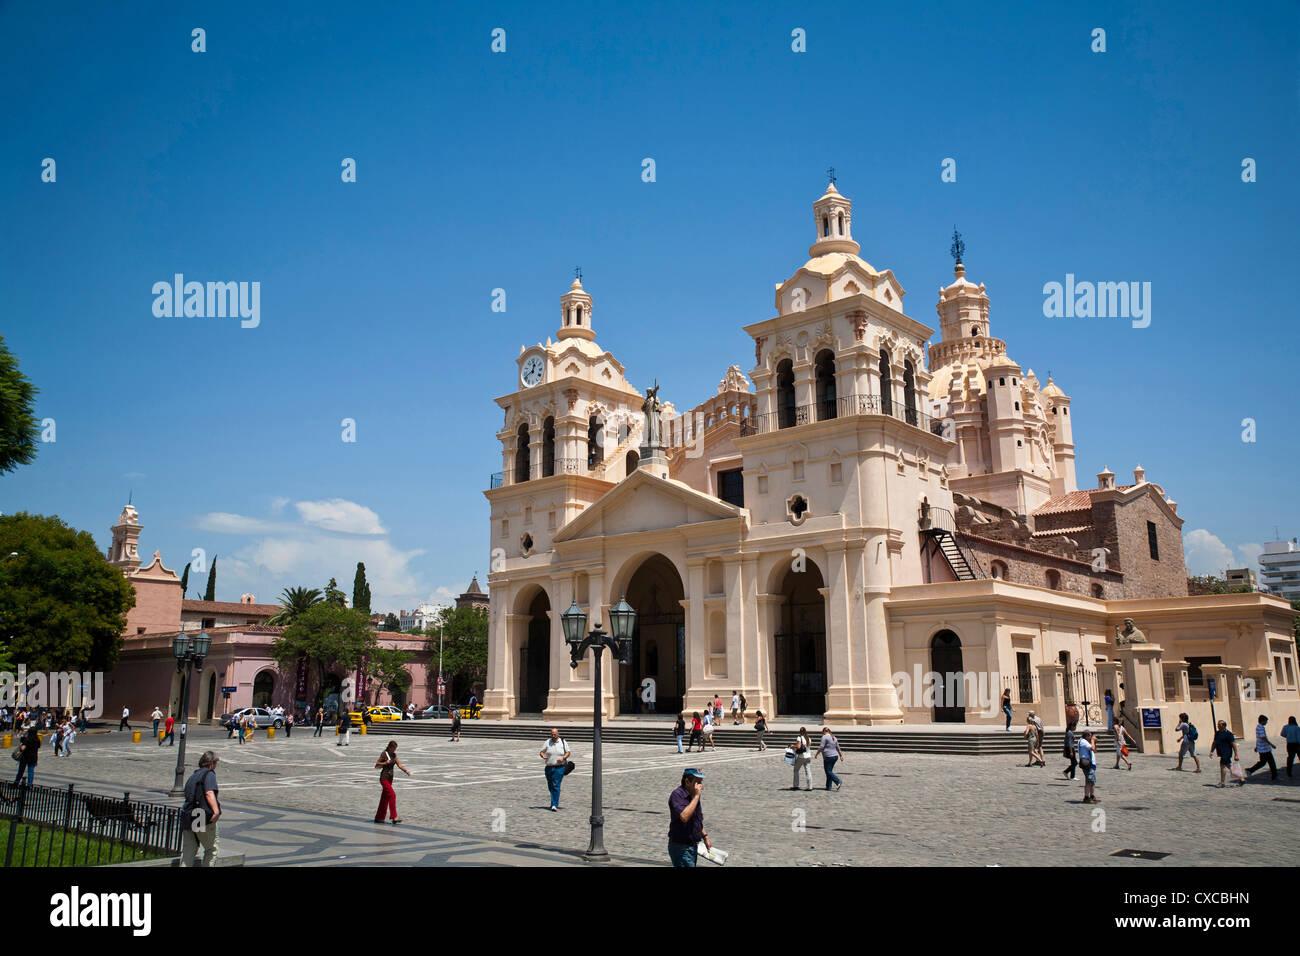 Iglesia Catedral à Plaza San Martin, la ville de Cordoba, Argentine, Province de Cordoba. Photo Stock